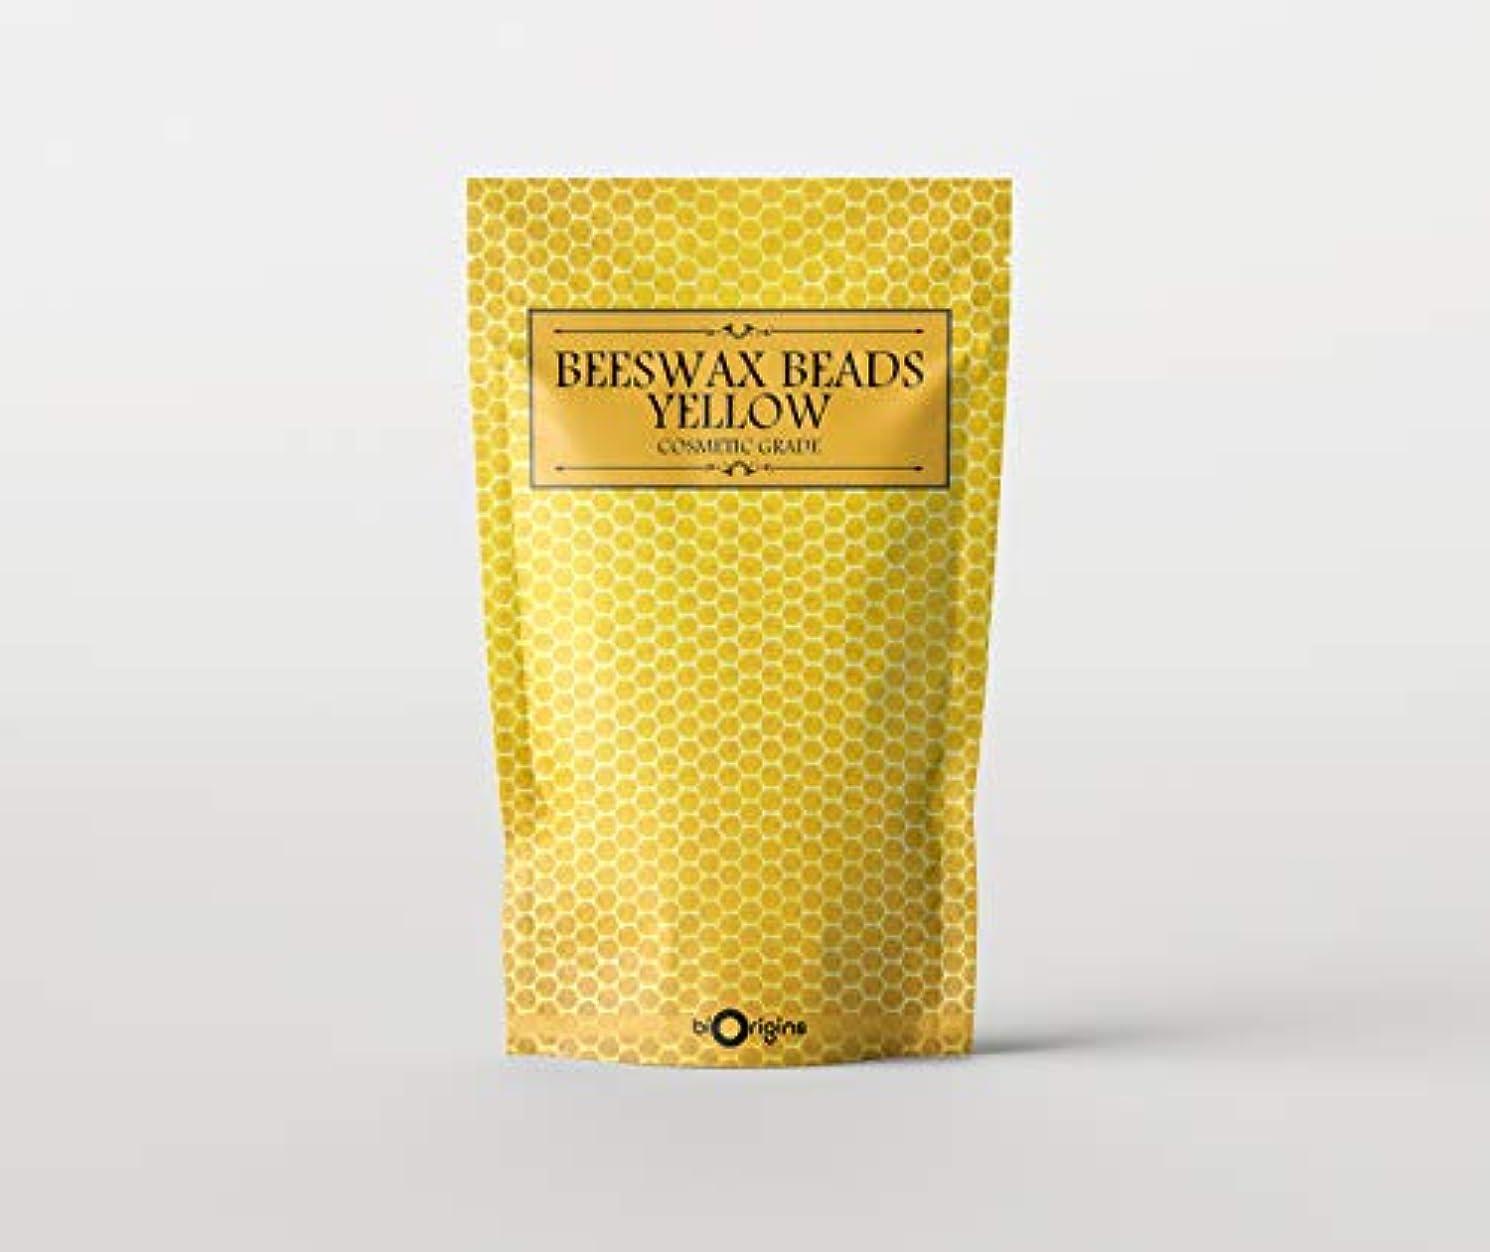 特異な円周溶岩Beeswax Beads Yellow - Cosmetic Grade - 500g